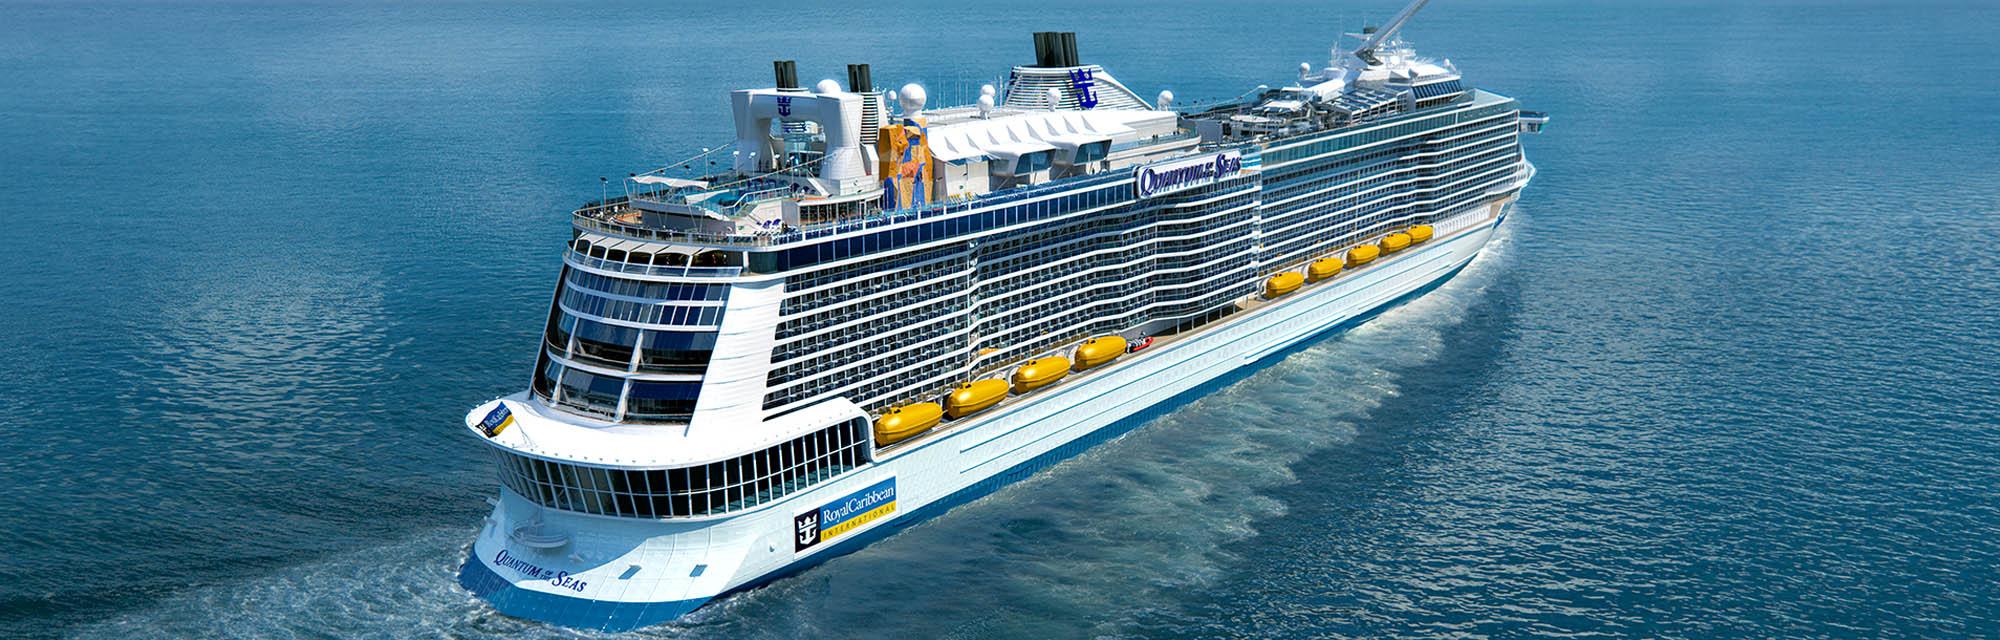 皇家加勒比海洋量子号国际游轮